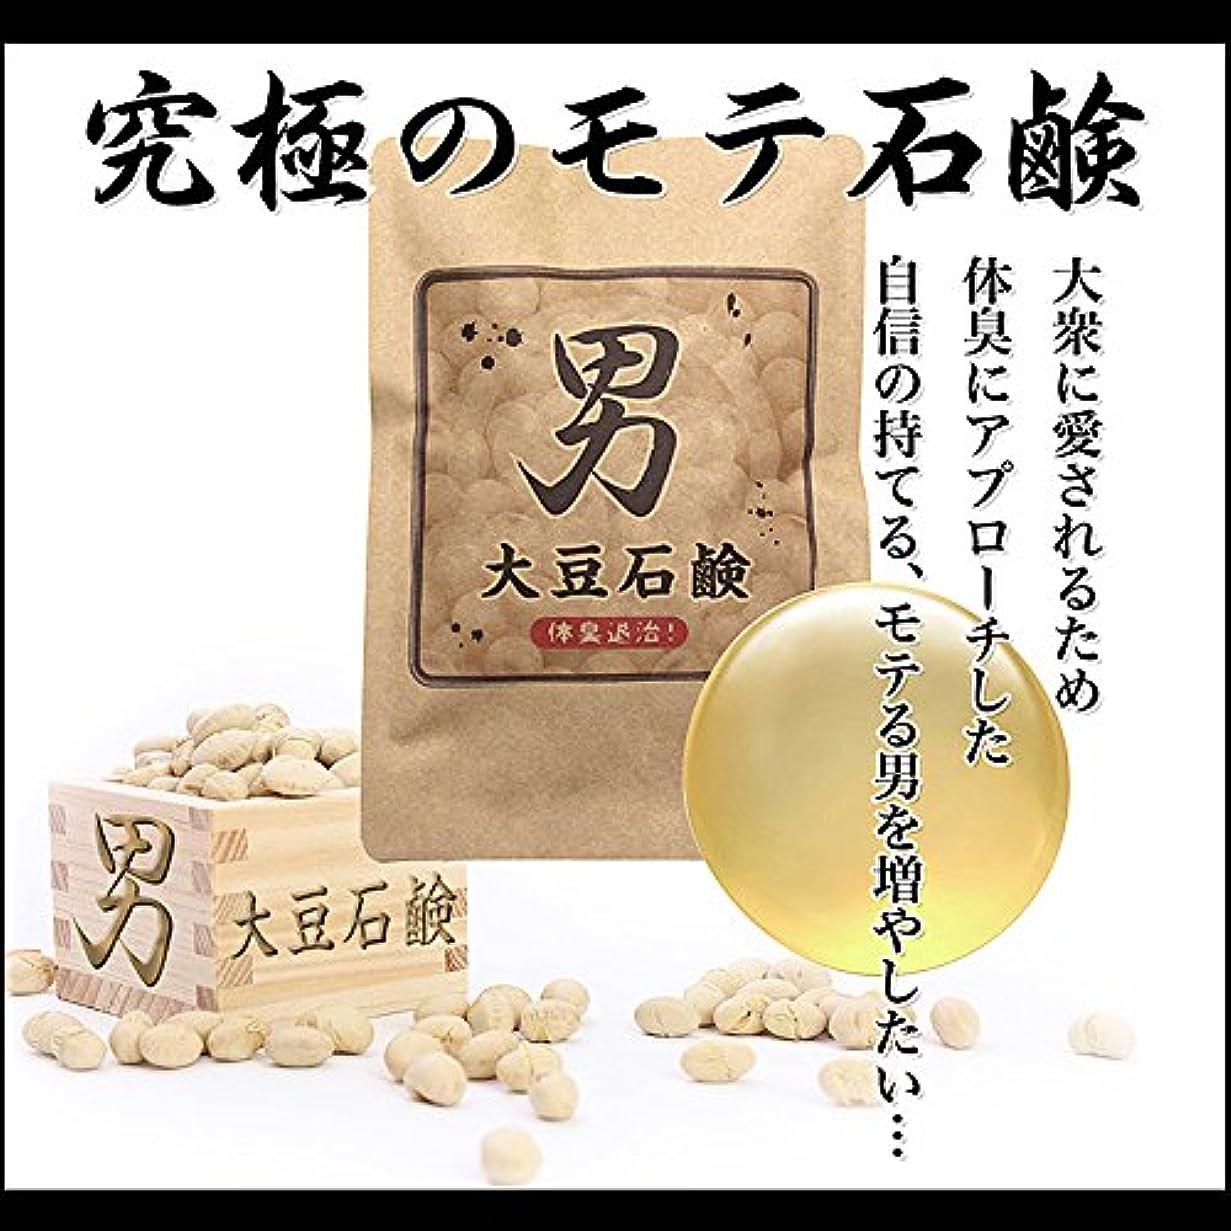 ロールパーチナシティ不健全男大豆石鹸(セリュードボーテ ピュアソープ)